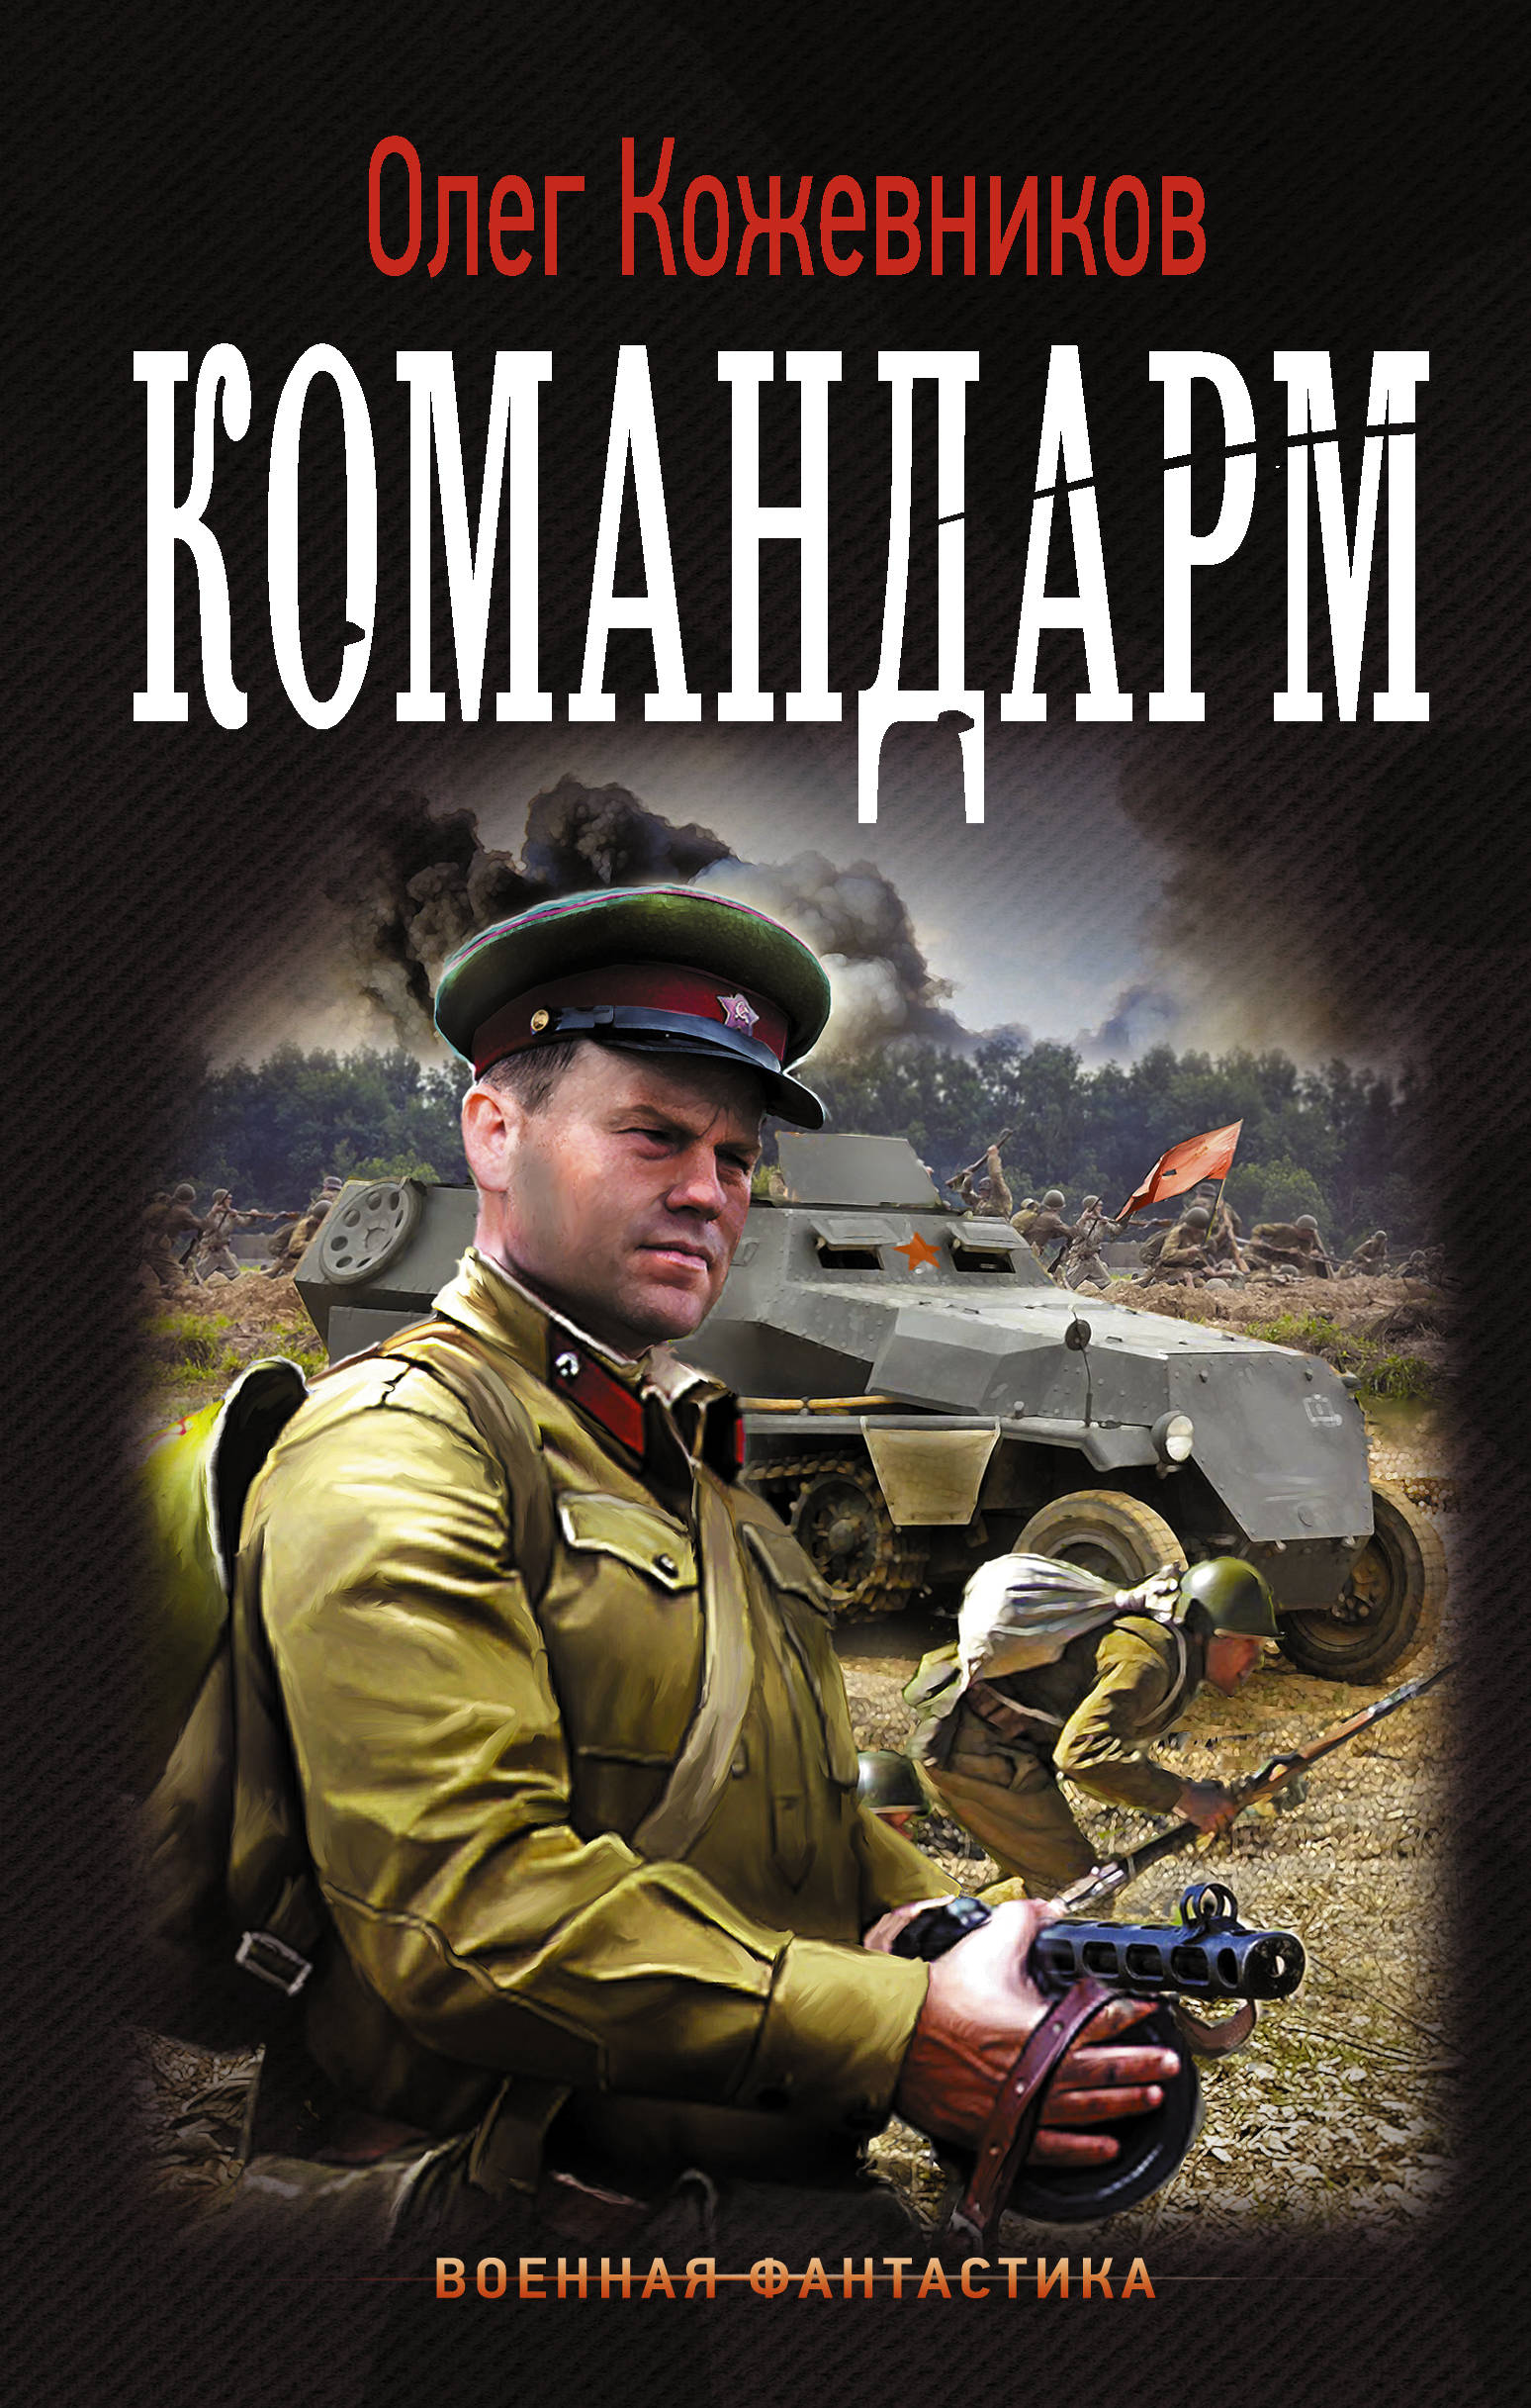 Командарм. Олег Кожевников